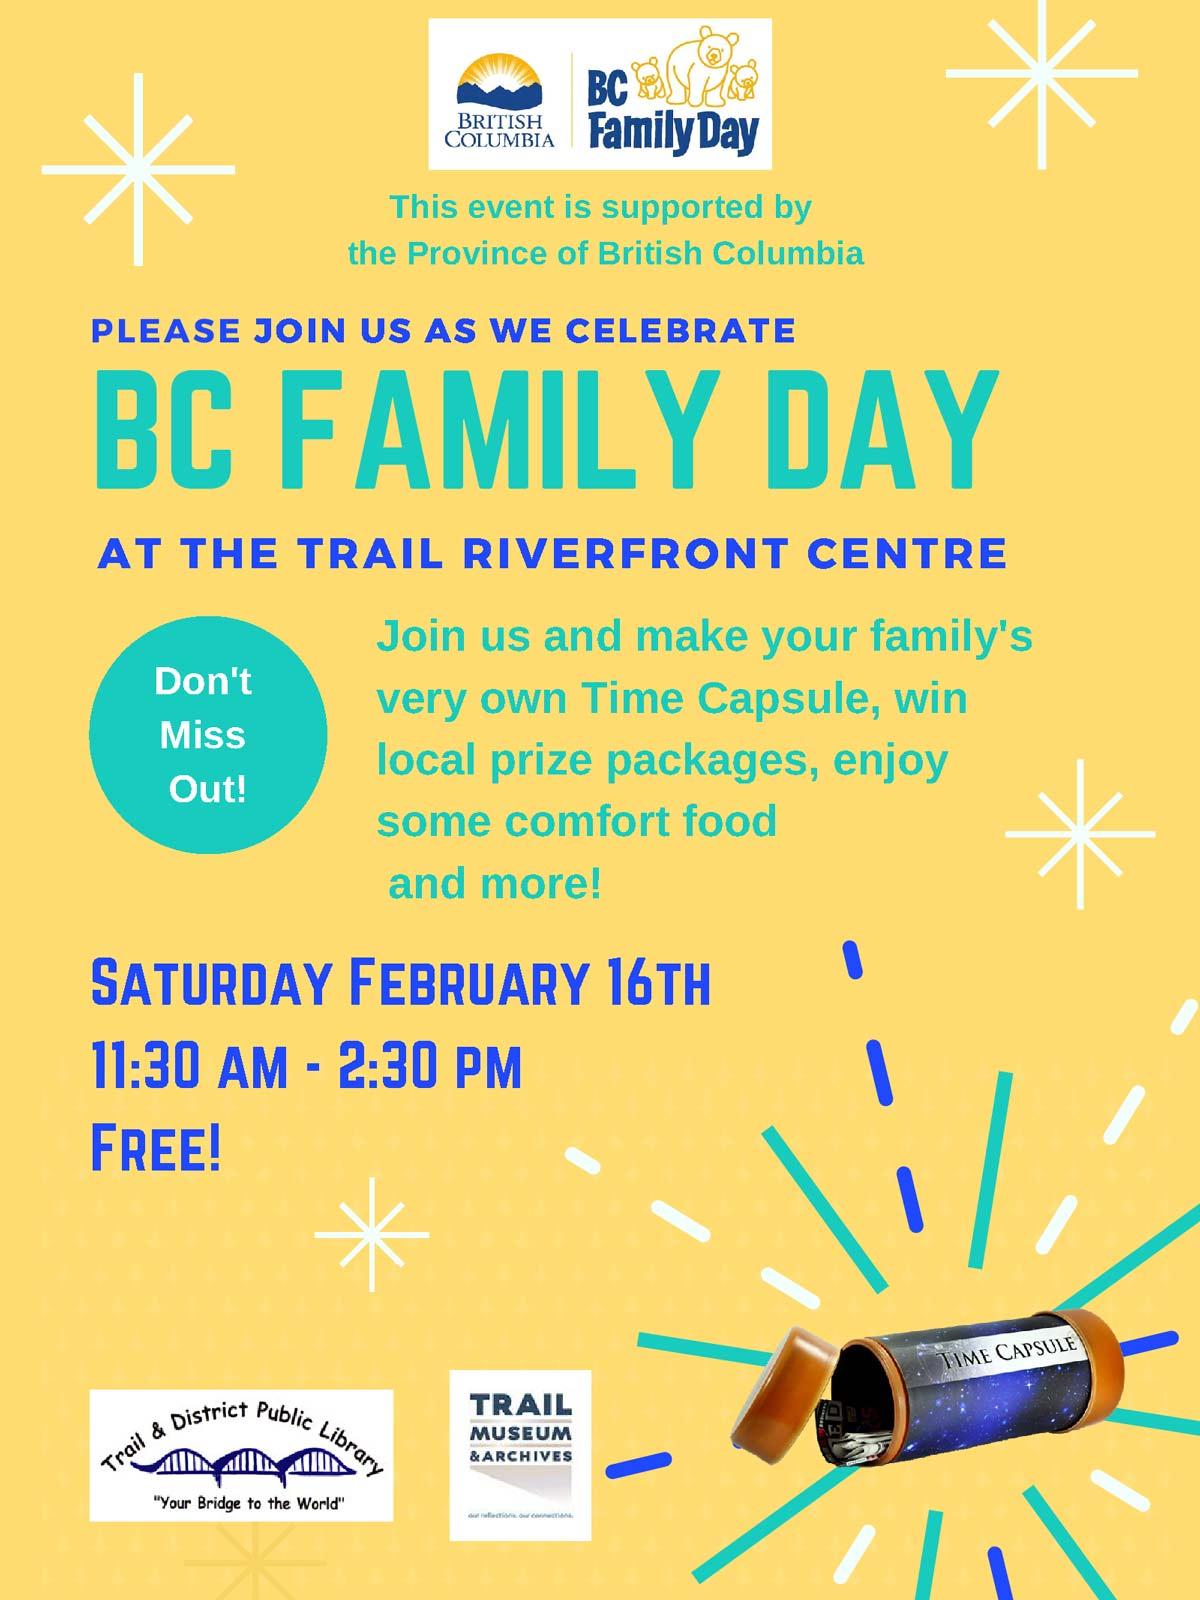 bc-family-day-poster-full.jpg